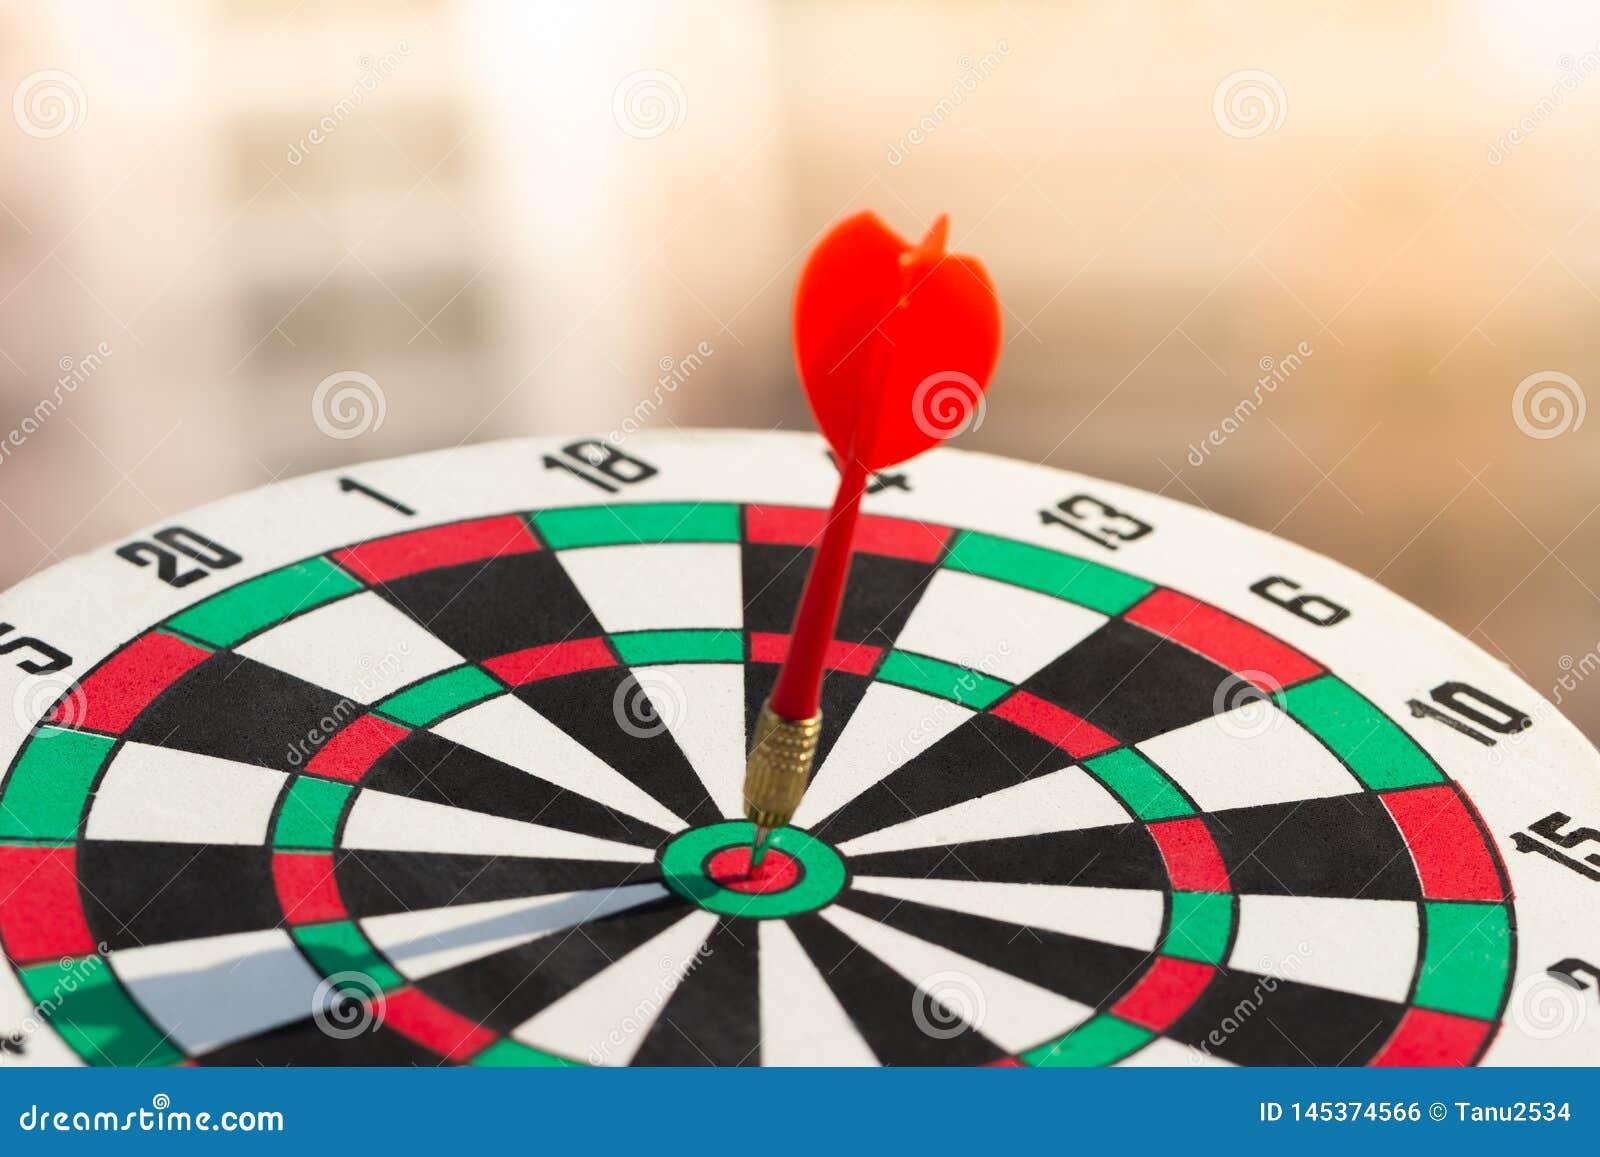 Βέλος βελών που χτυπά στο κέντρο στόχων του dartboard επιχειρησιακός στόχος έννοιας στην επιτυχία μάρκετινγκ